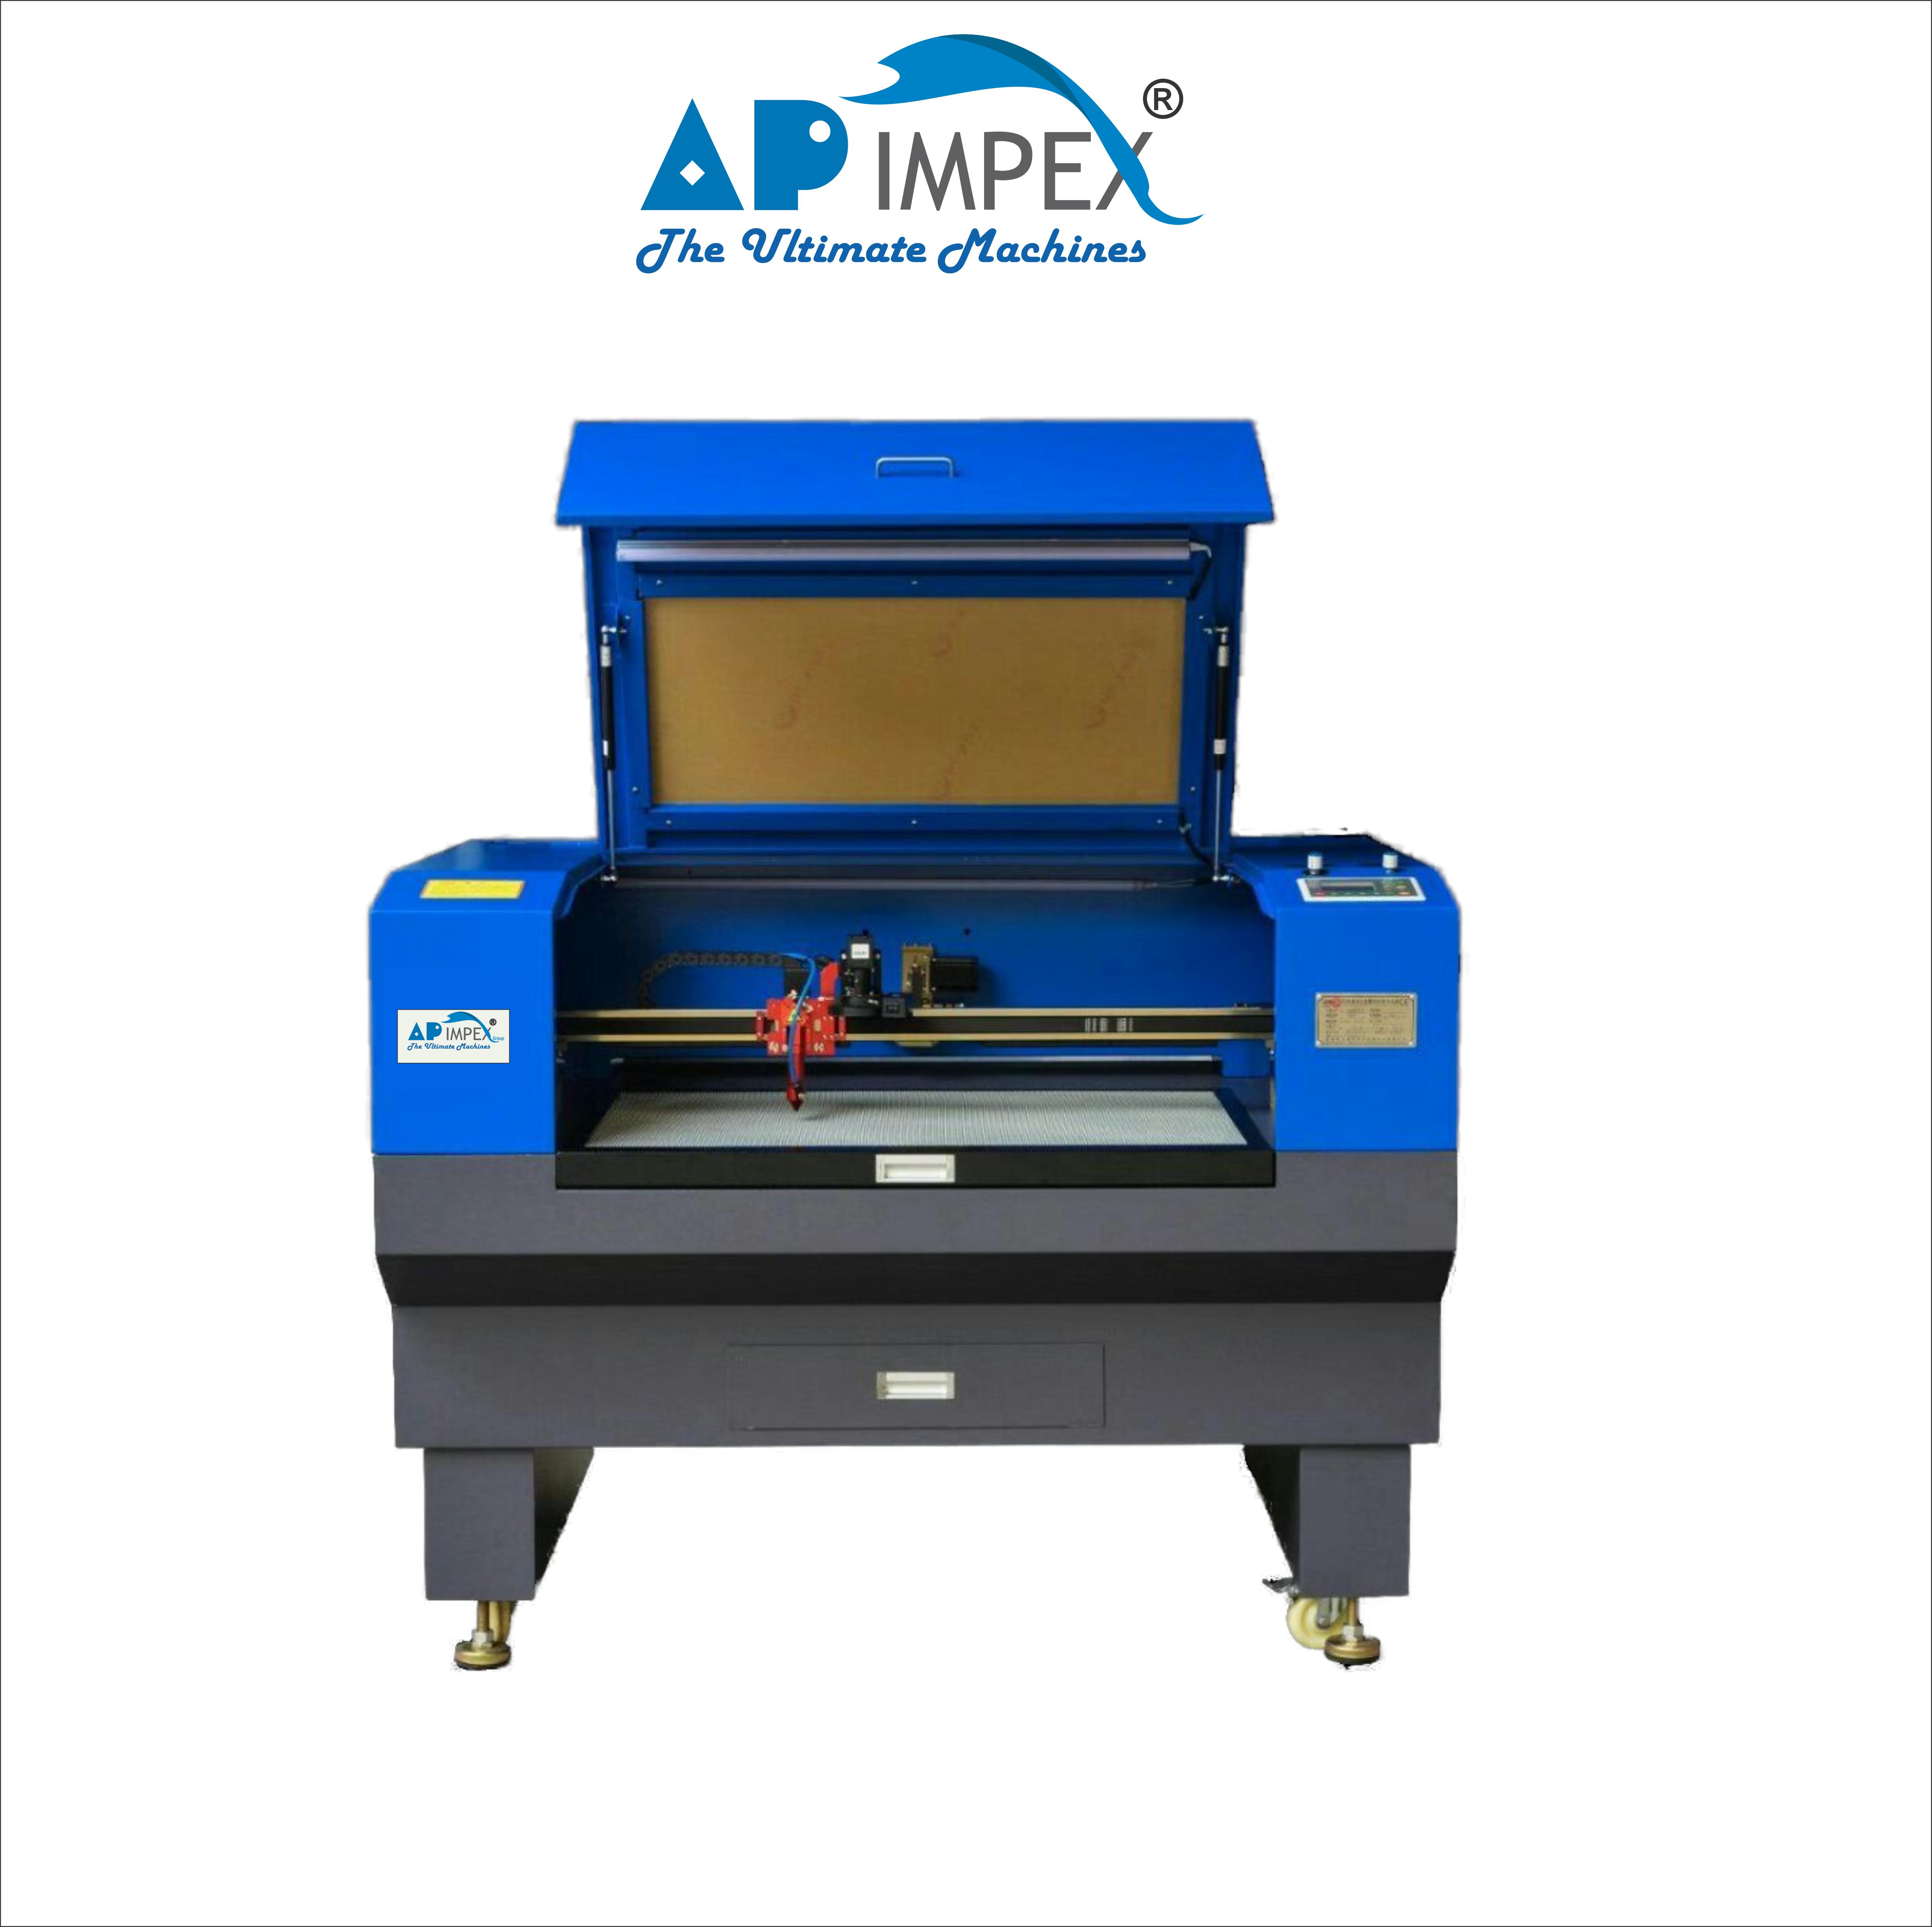 API - 1610 laser cutting machine